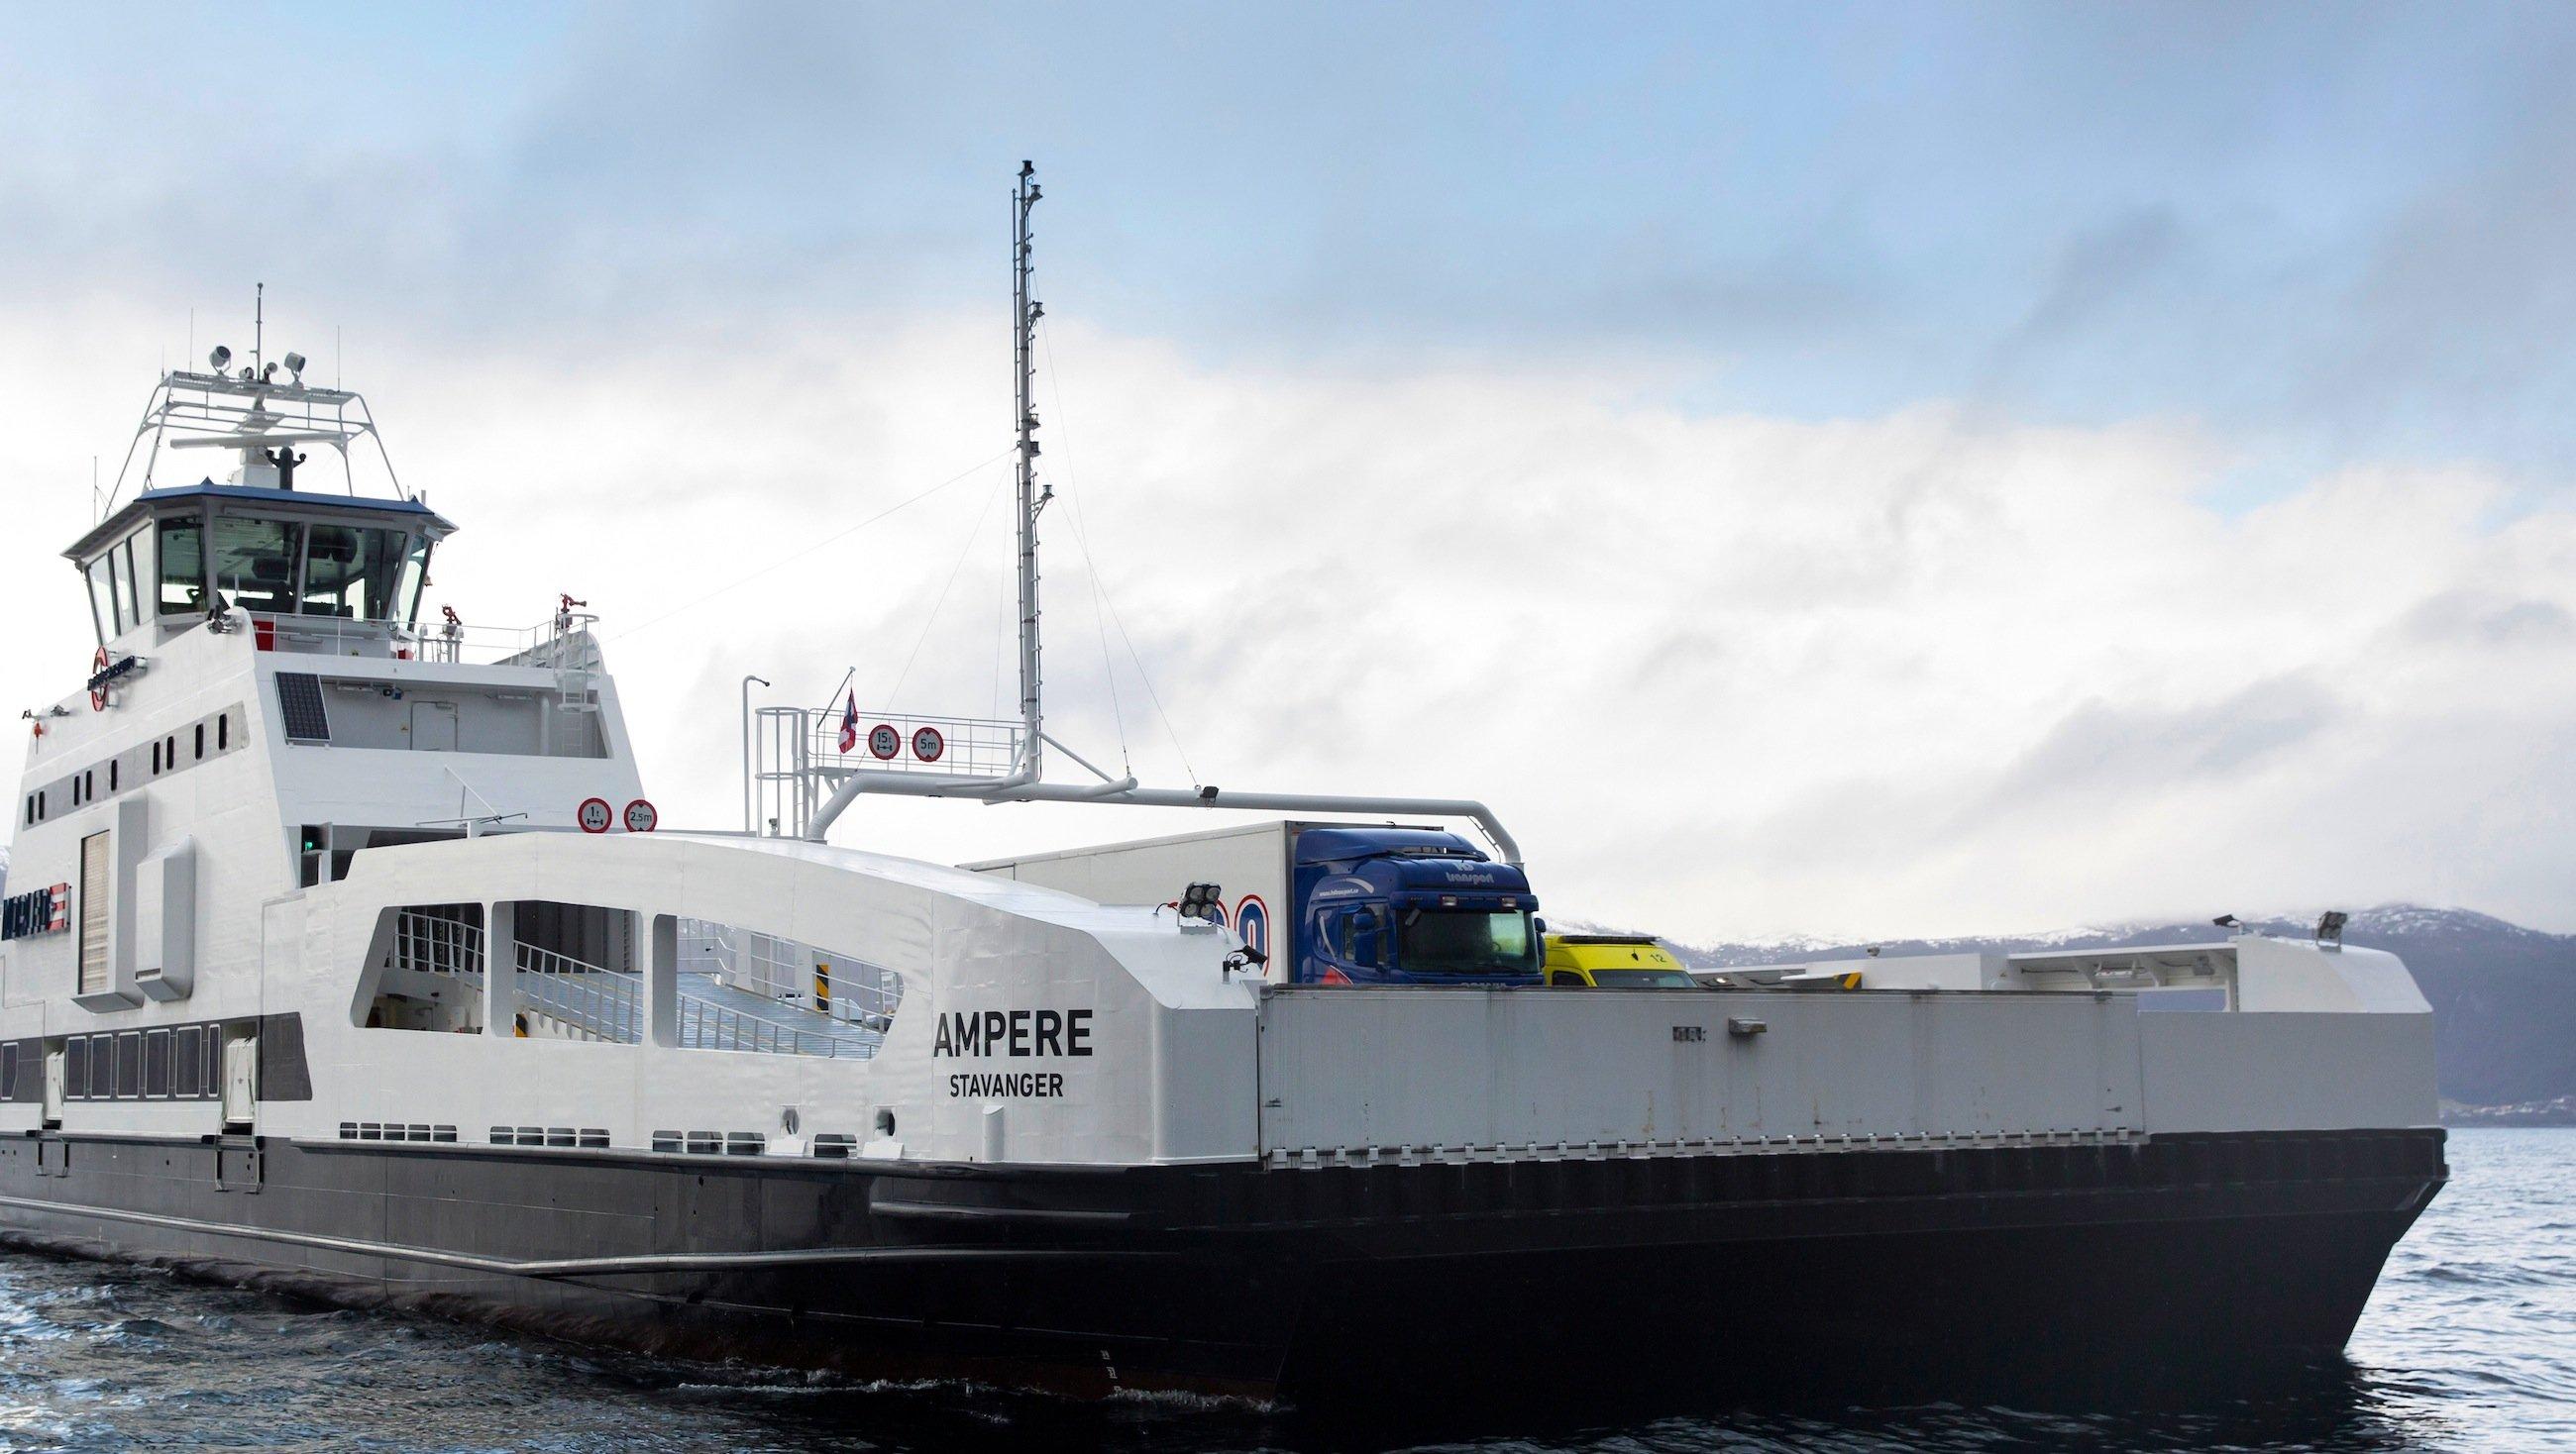 Die von Siemens in Kooperation mit dem Schiffbauer Fjellstrand ausgestattete weltweit erste elektrische Auto- und Passagierfähre mit dem Namen